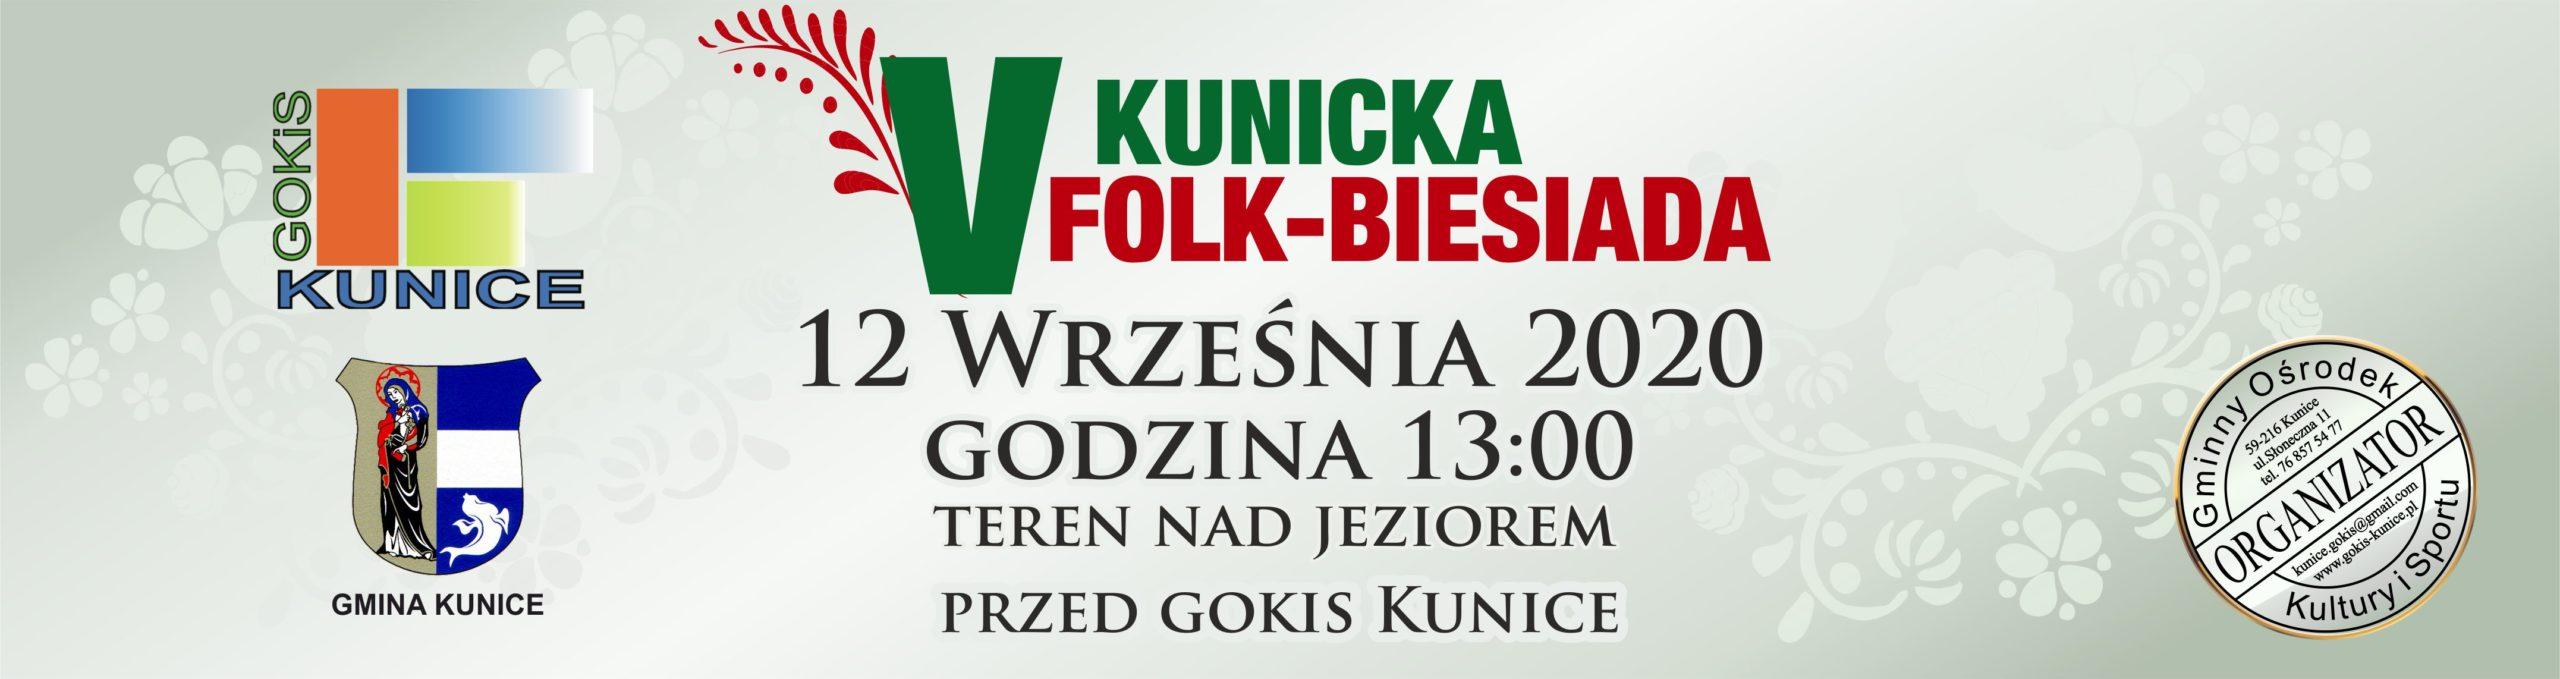 http://www.gokis-kunice.pl/imprezy/kunicka-folk-biesiada/